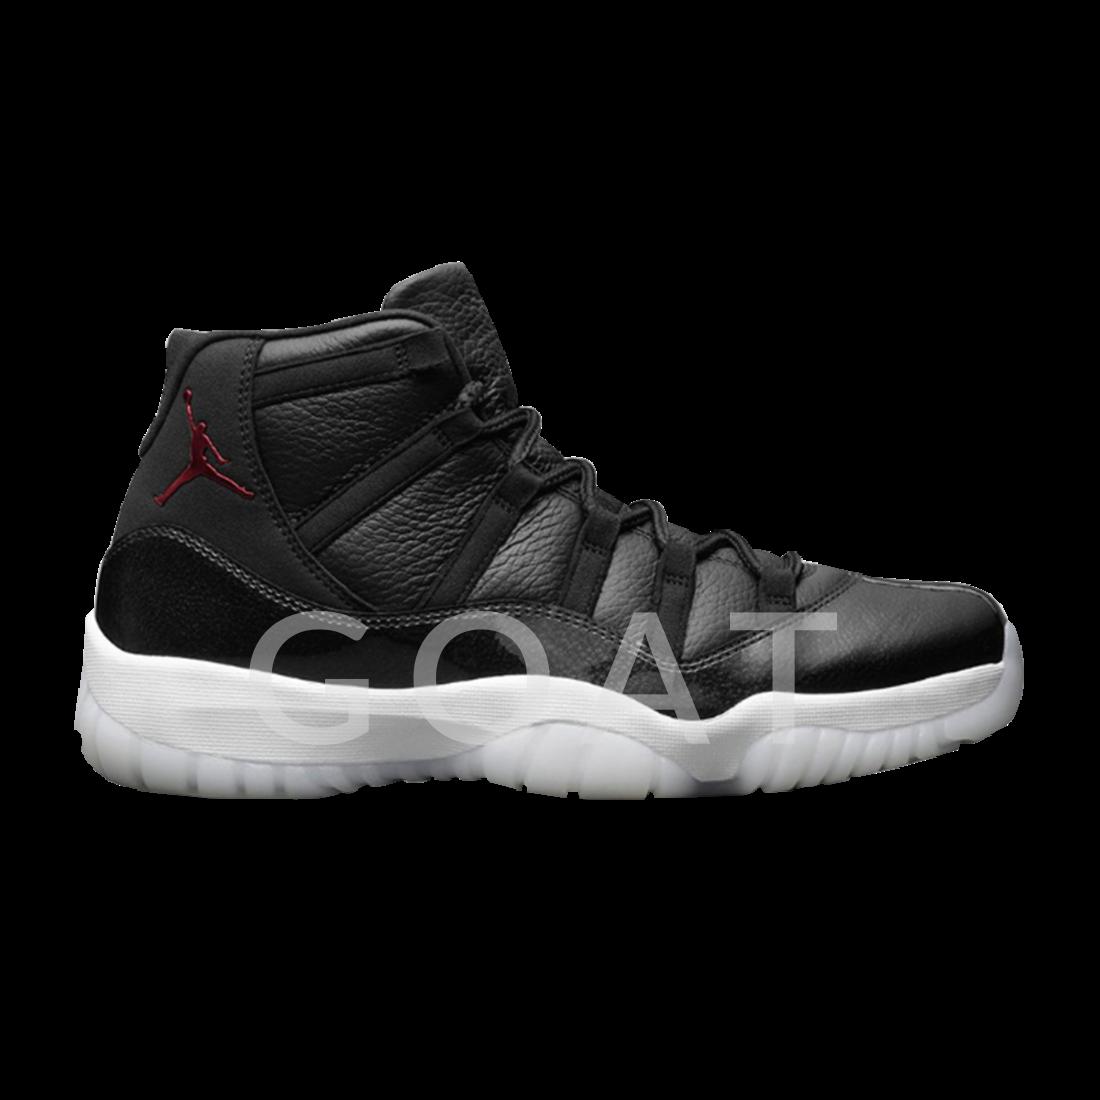 89b239ae7b7b9 Nike Air Jordan 13 Xiii Retro Bg Gs Og Bred Black Red Aj13 Kid | CTT